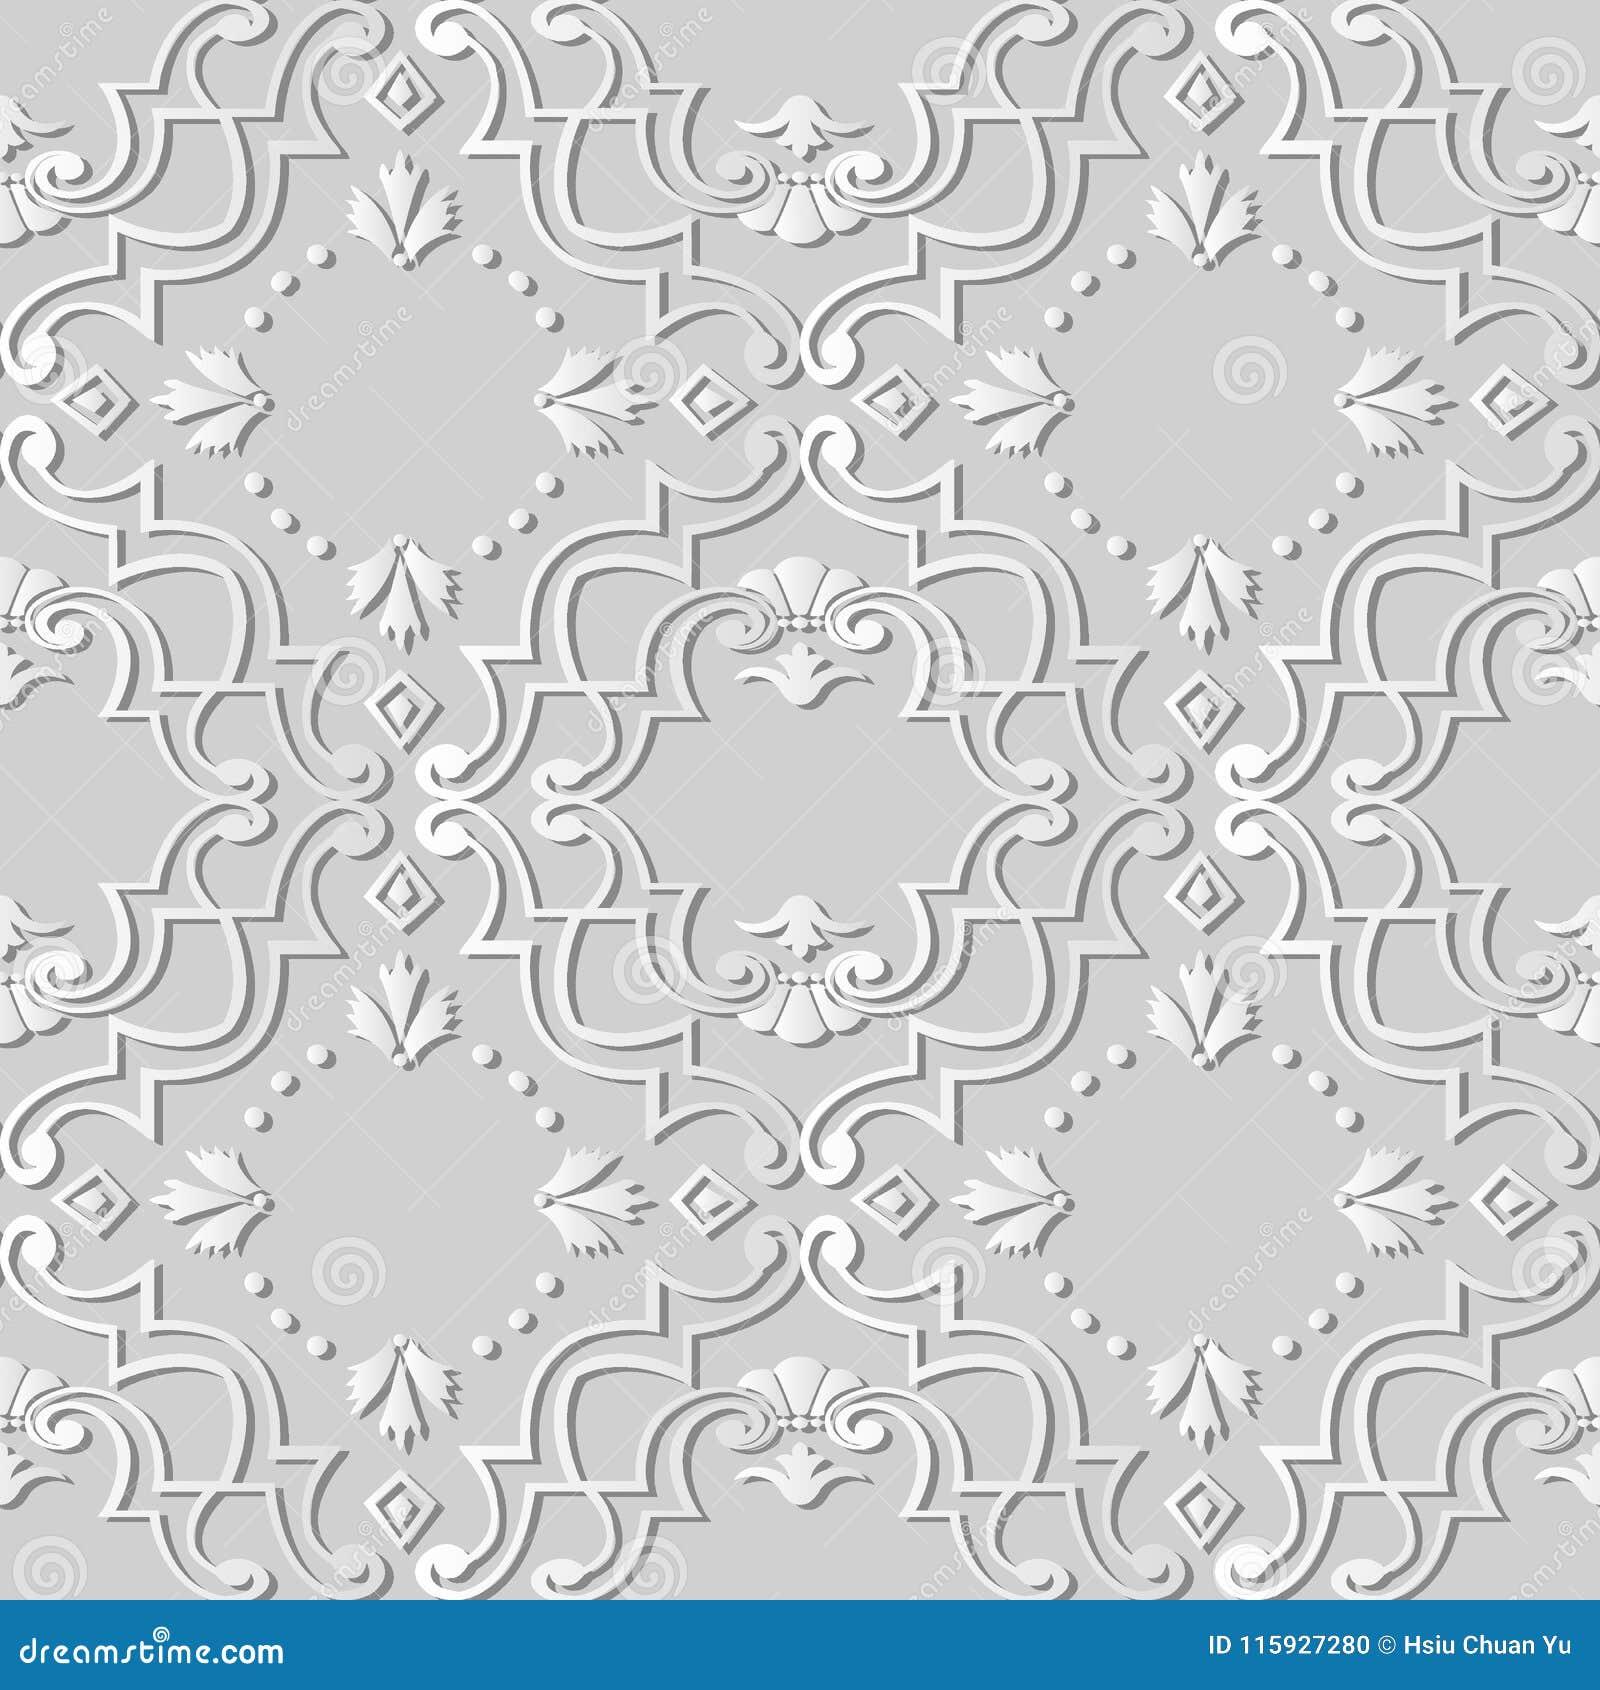 För konstspiral för vitbok 3D prick för blomma för ram för kors för kurva